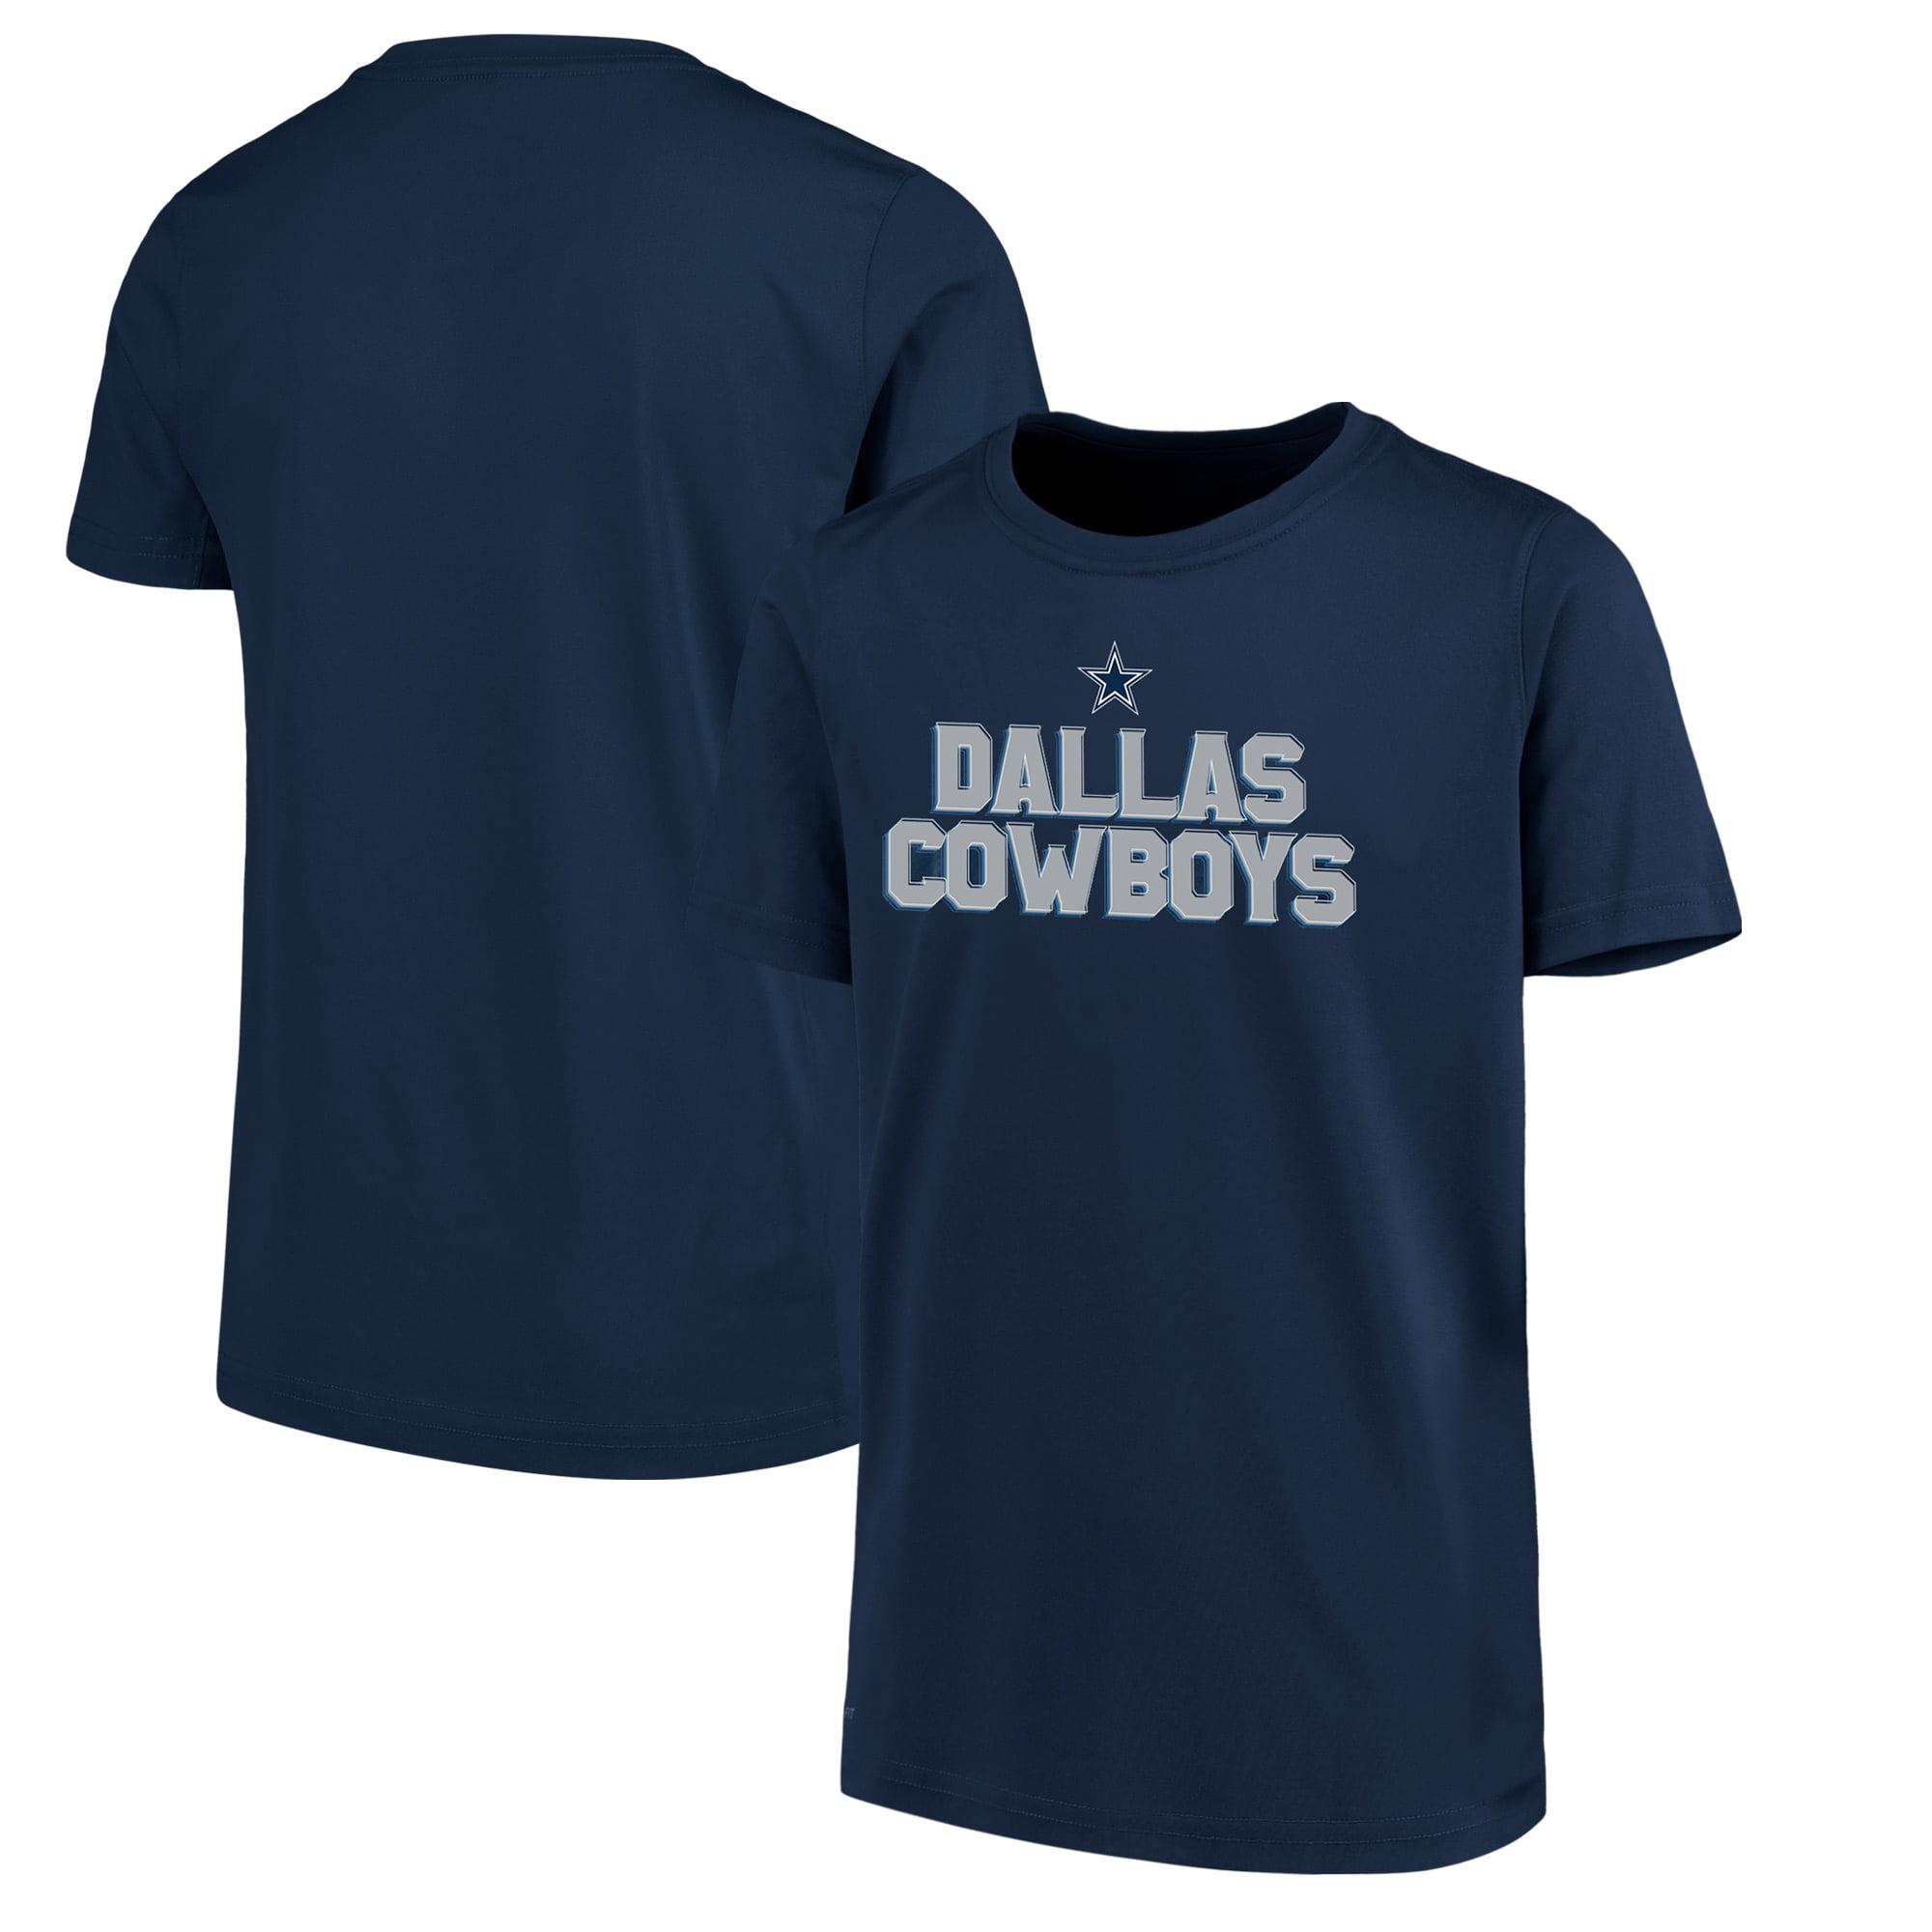 073ee9faa Dallas Cowboys Team Shop - Walmart.com